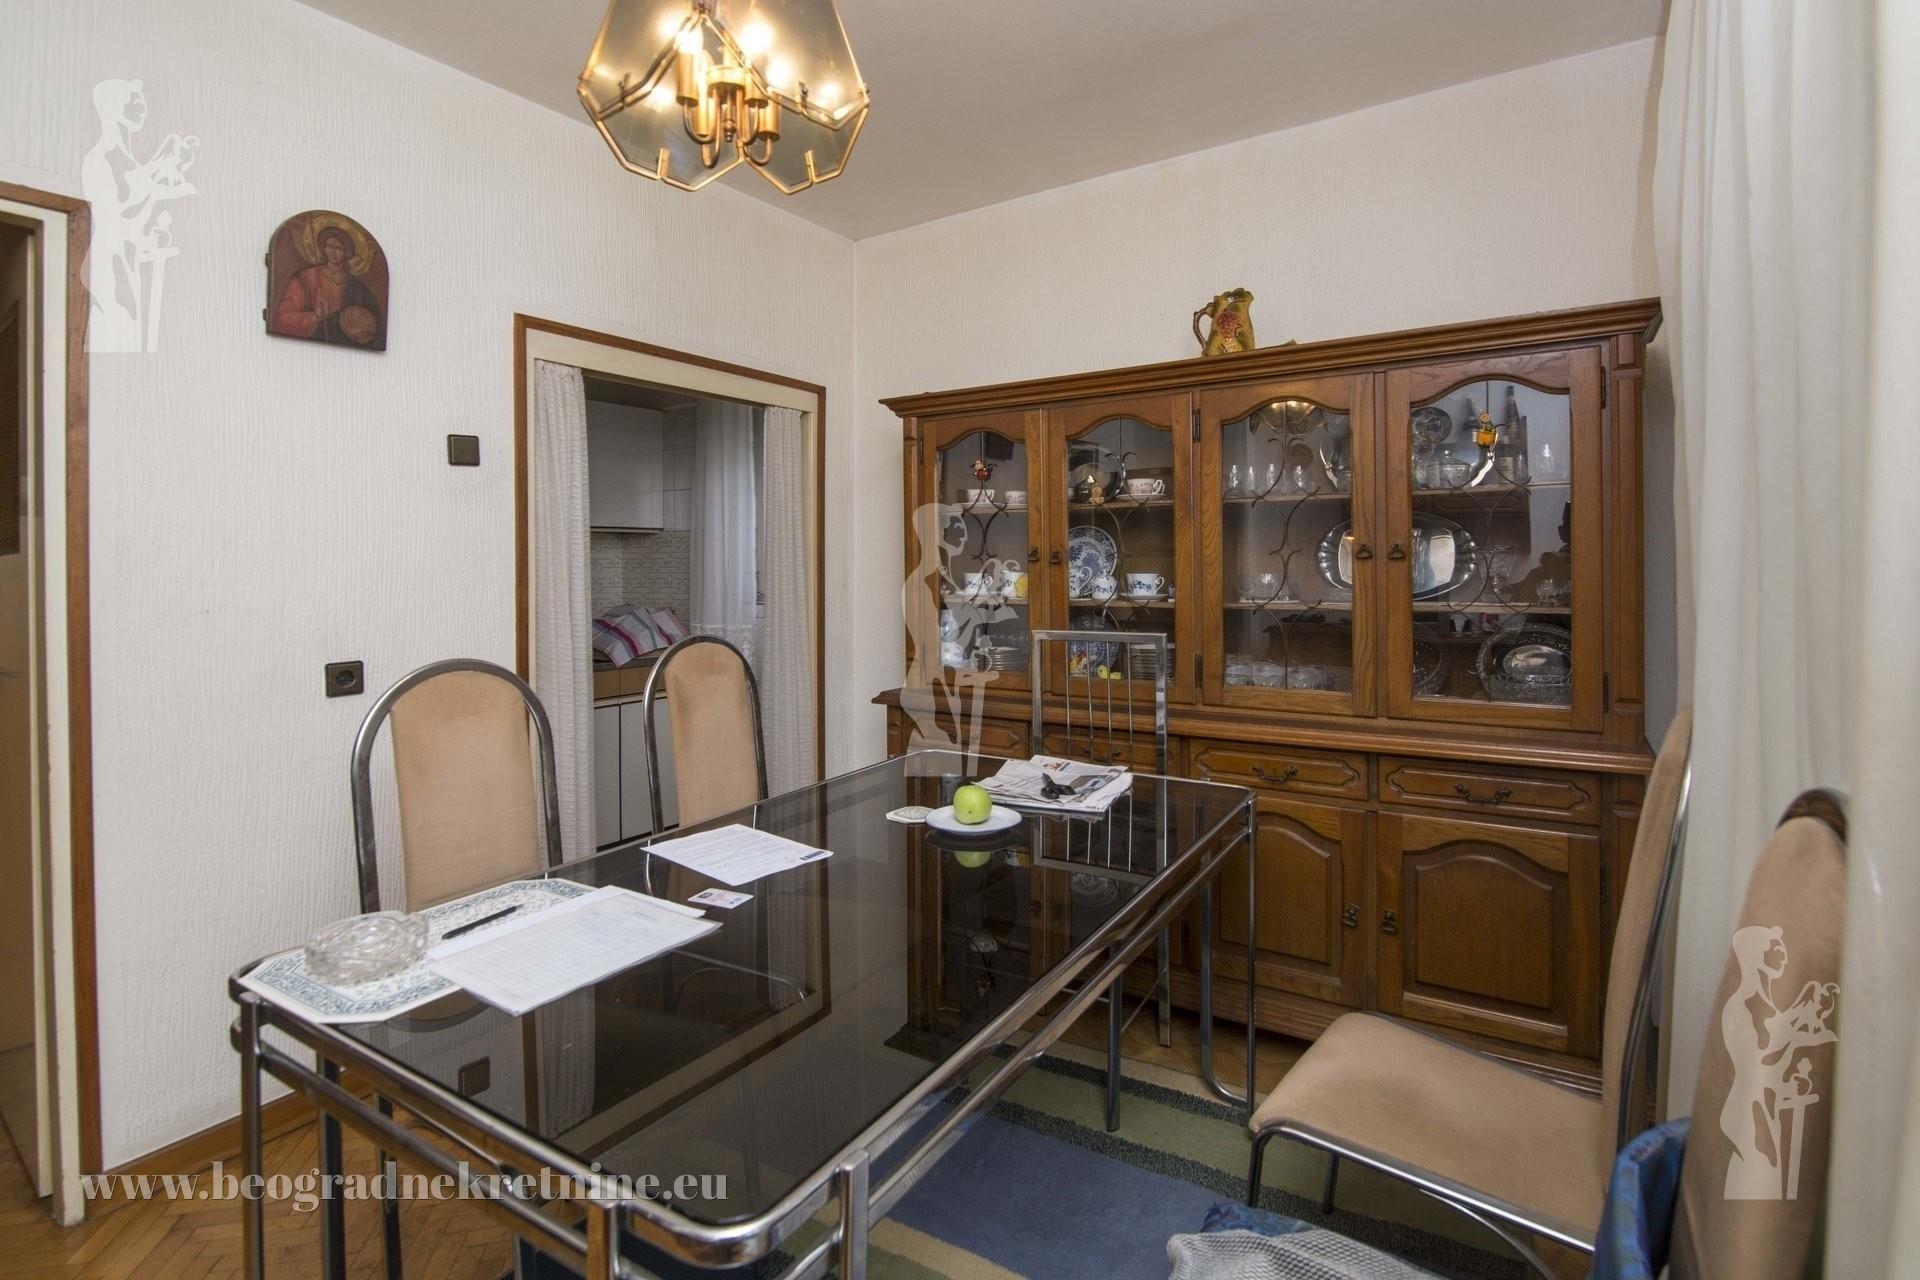 Kuća sa dva stana Zvezdara Kragujevačka